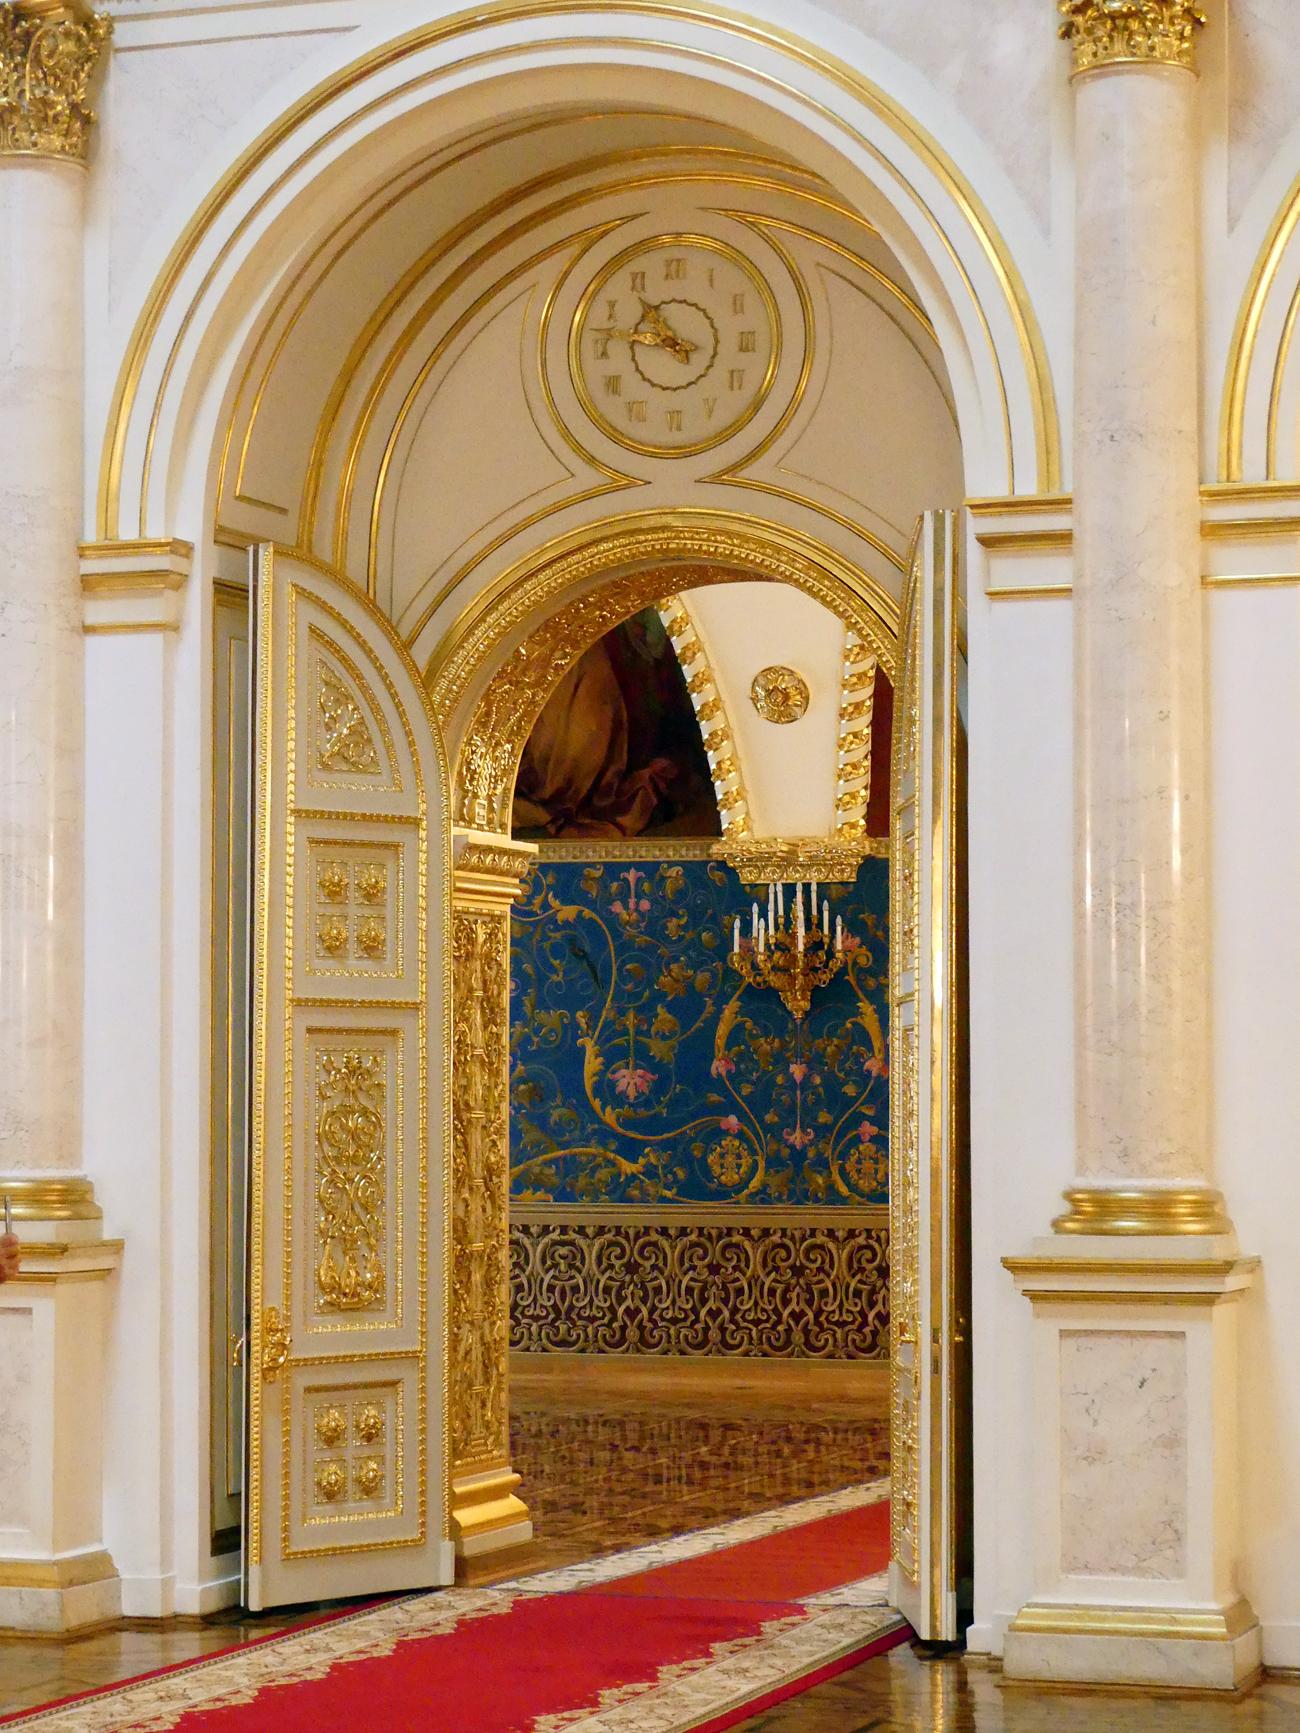 A decoração suntuosa foi restaurada para relembrar a original: dourado e branco se sobrepõem ao longo da fachada neoclássica de 125 metros coberta por um telhado verde, onde a bandeira russa fica, por vezes, exposta. Atrás de seus muros do século 19 existe um verdadeiro mosaico arquitetônico, testemunho de séculos de história.O soviético Iossef Stálin foi o último líder a residir no Kremlin. Atualmente, o edifício abriga gabinetes do governo e da presidência, raramente acessíveis a grupos de visitantes e por vezes usados em cerimônias oficiais.